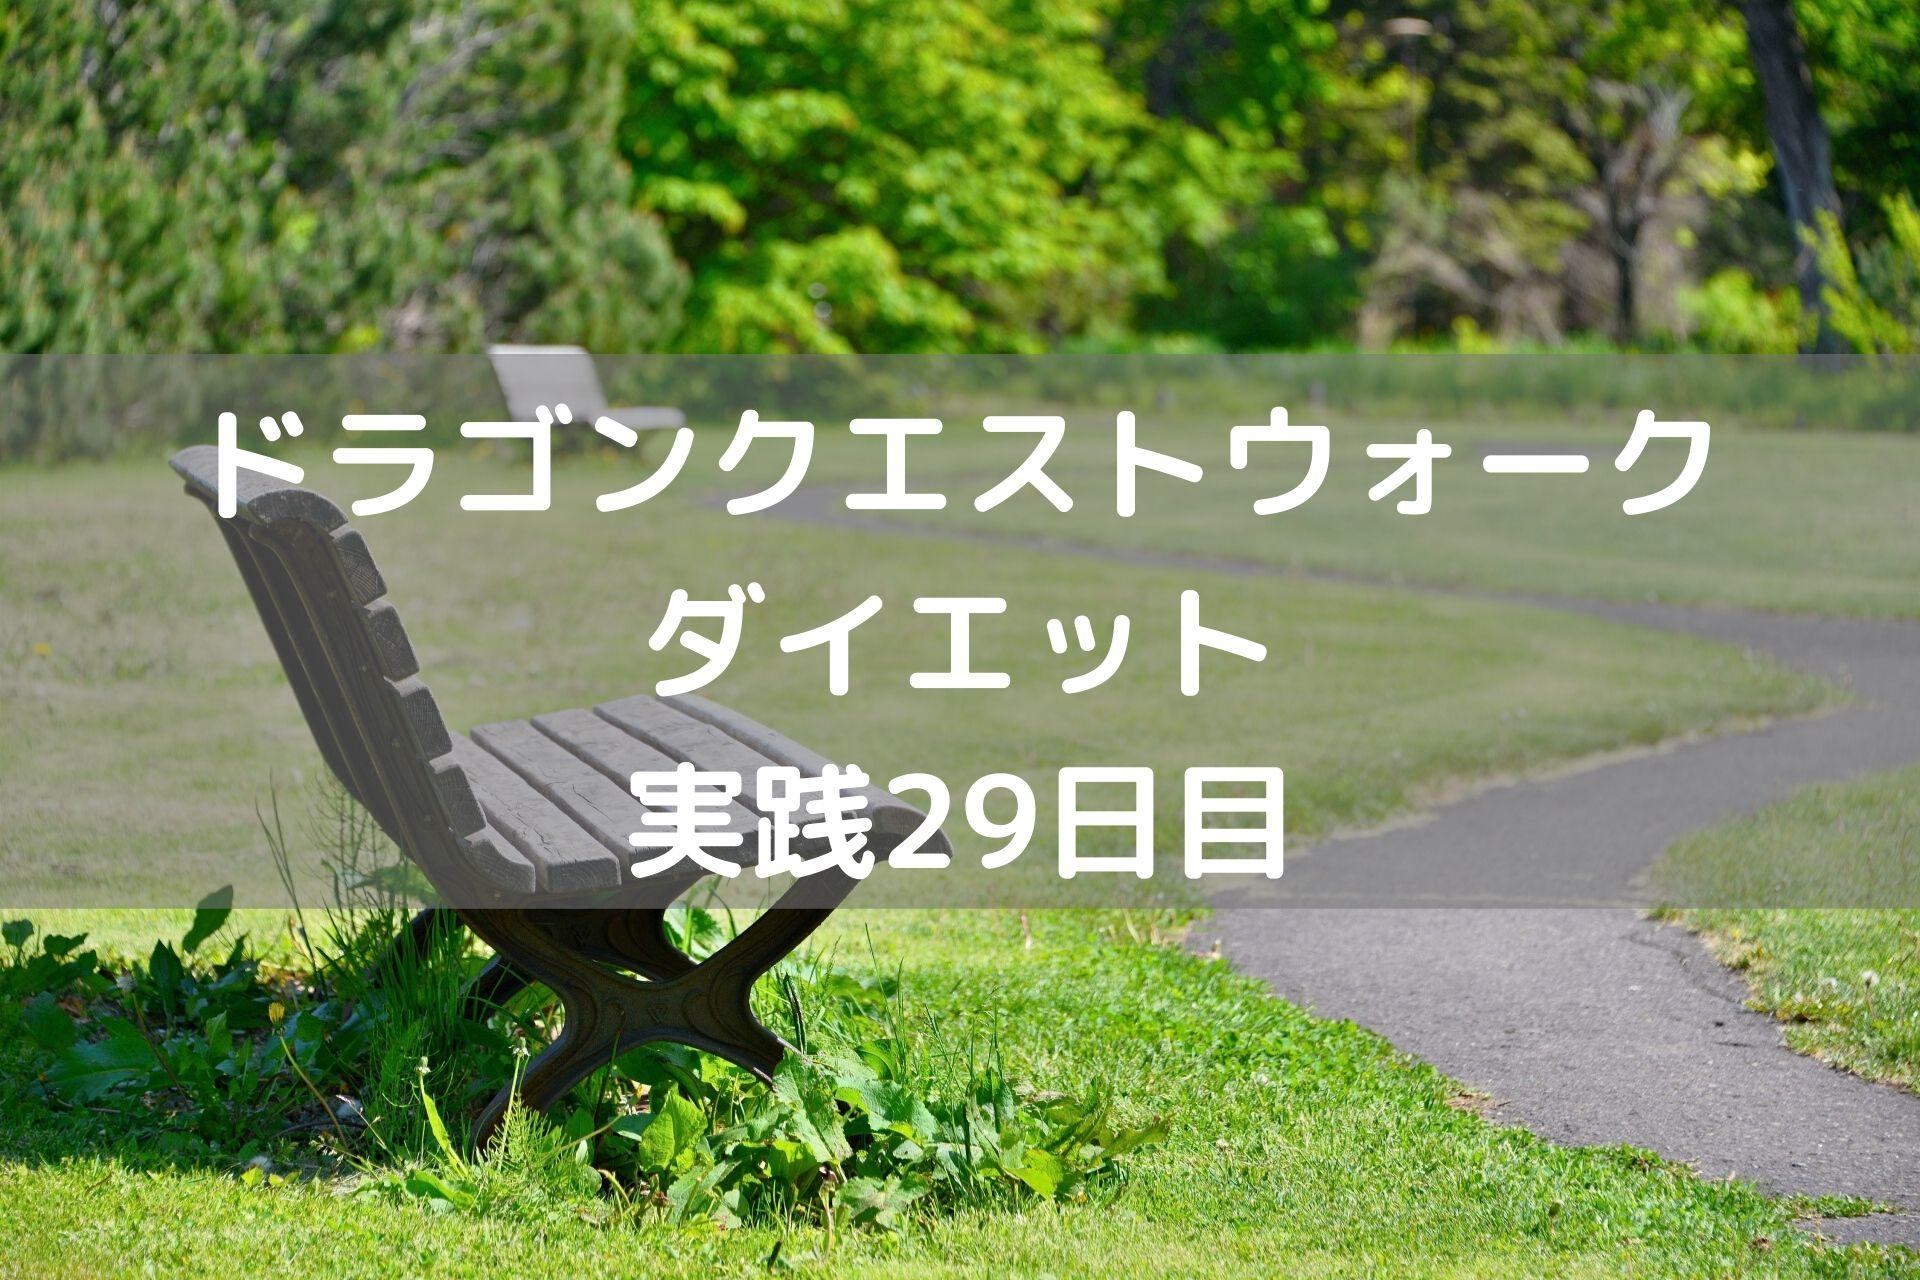 ブラッドハンドのしぐさ解放!! 【DQウォーク実践29日目】